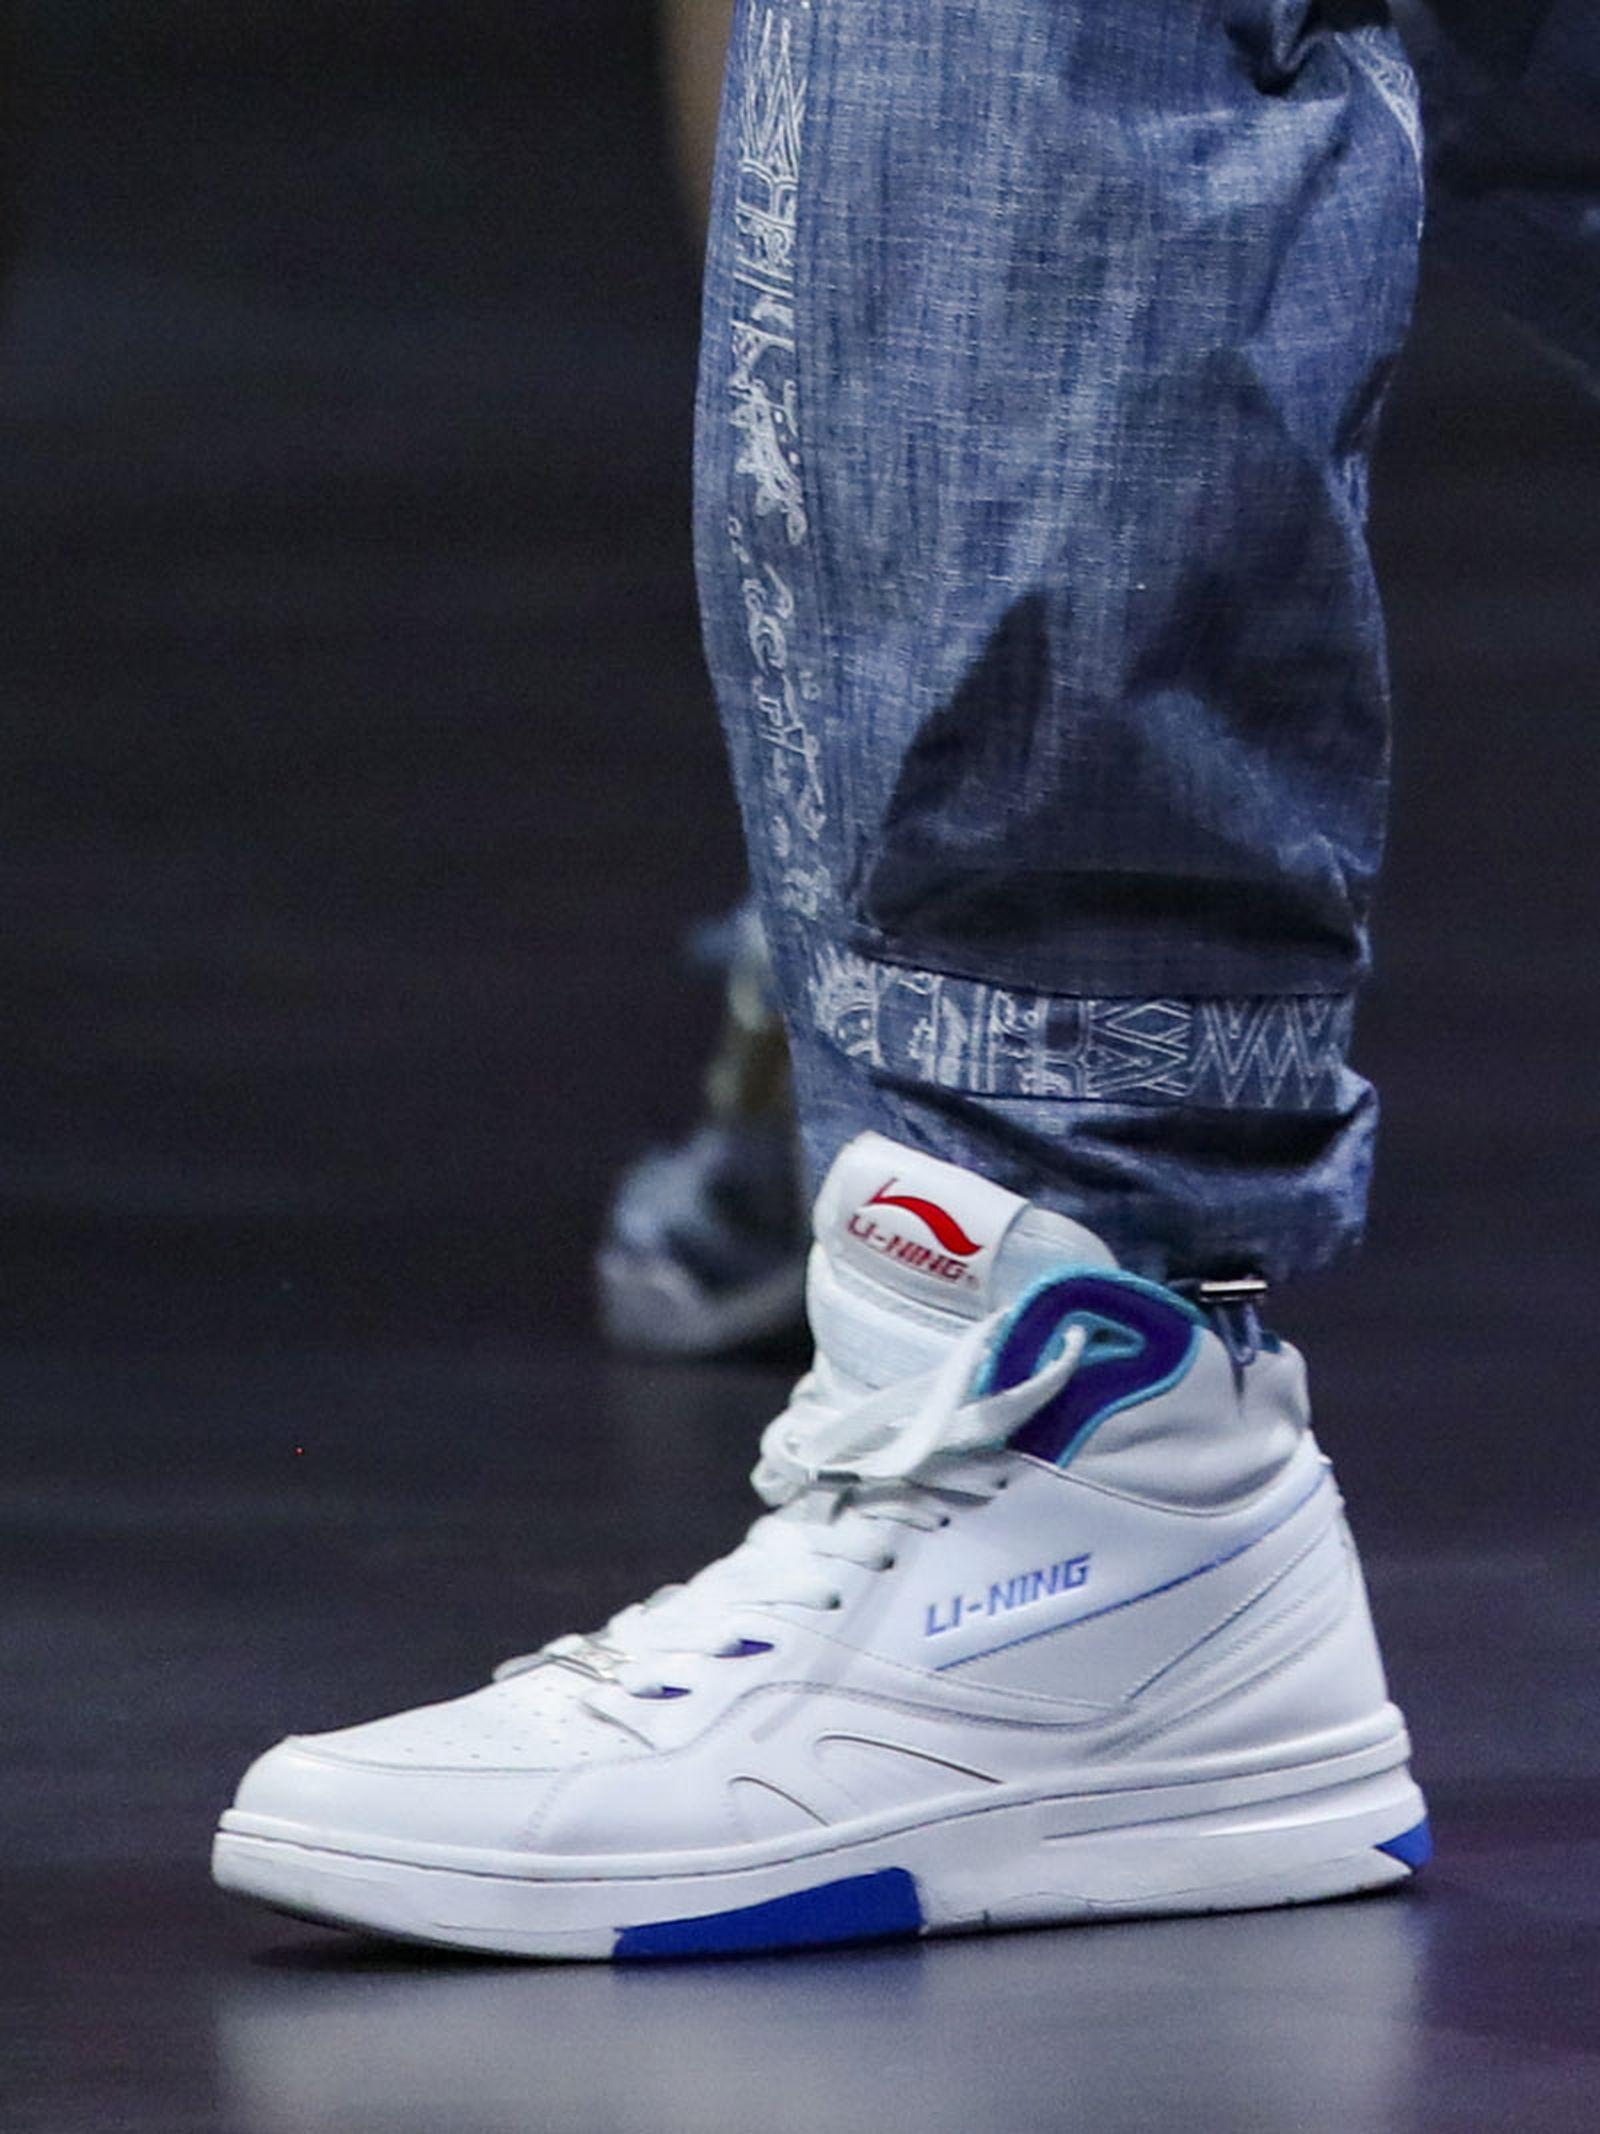 li-ning-ss21-footwear-collection-paris-fashion-week-09